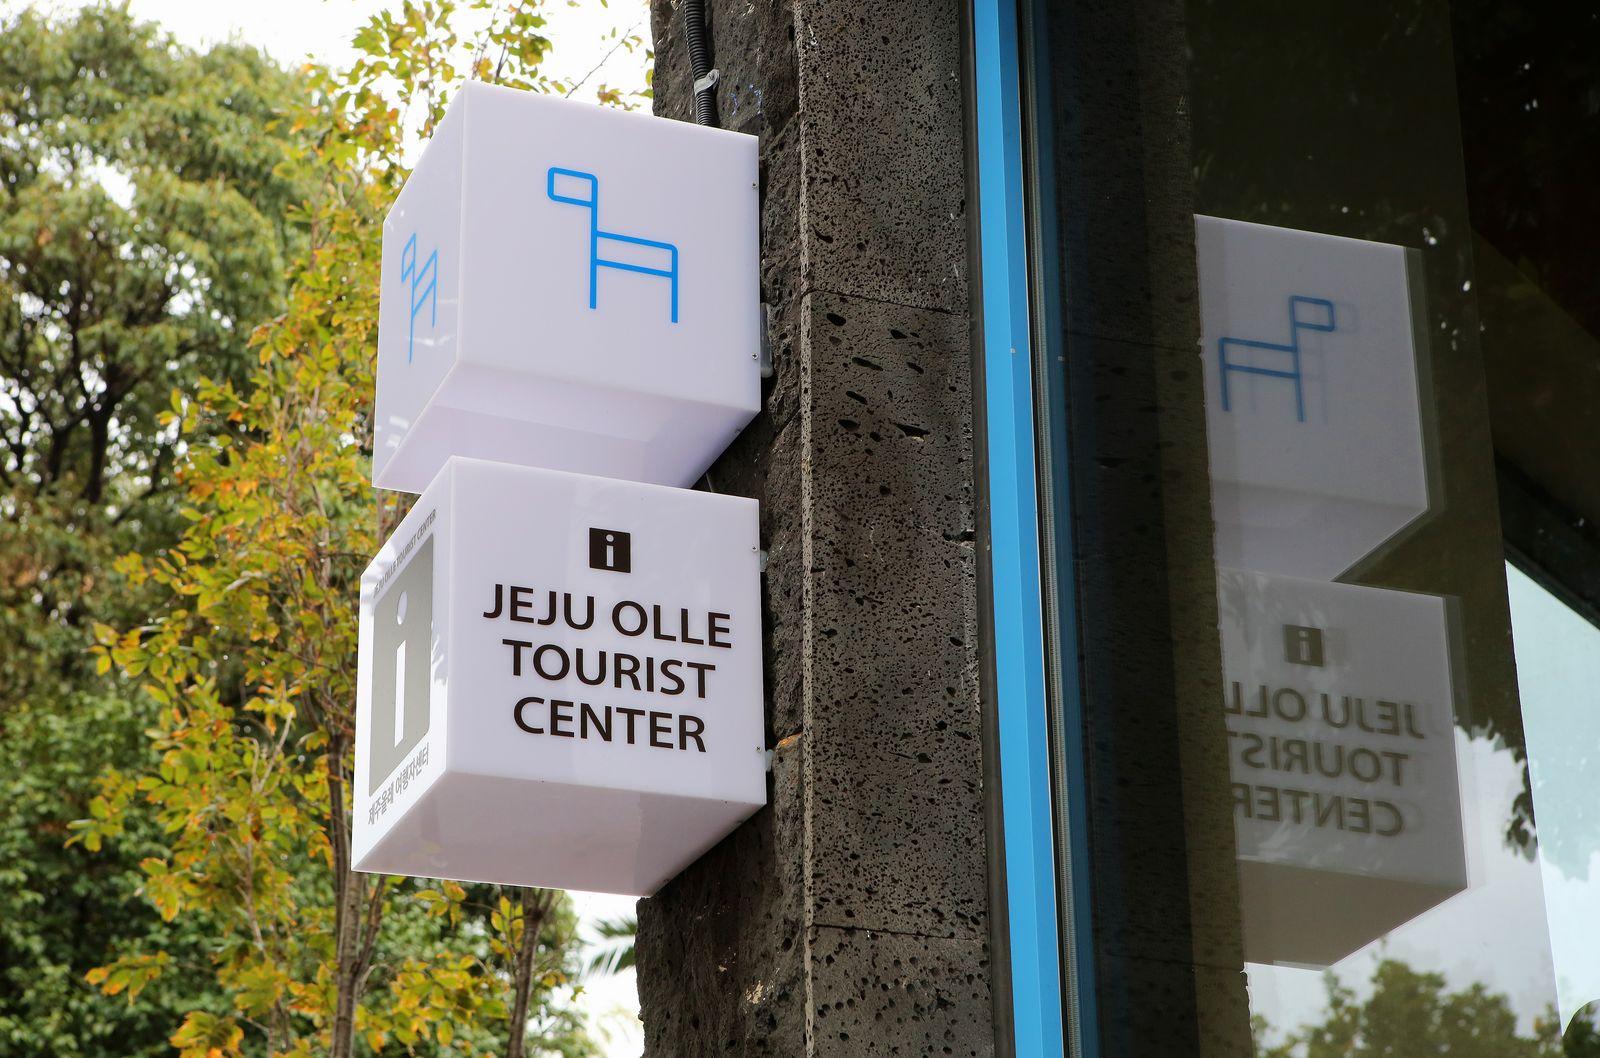 여행자센터 간판.